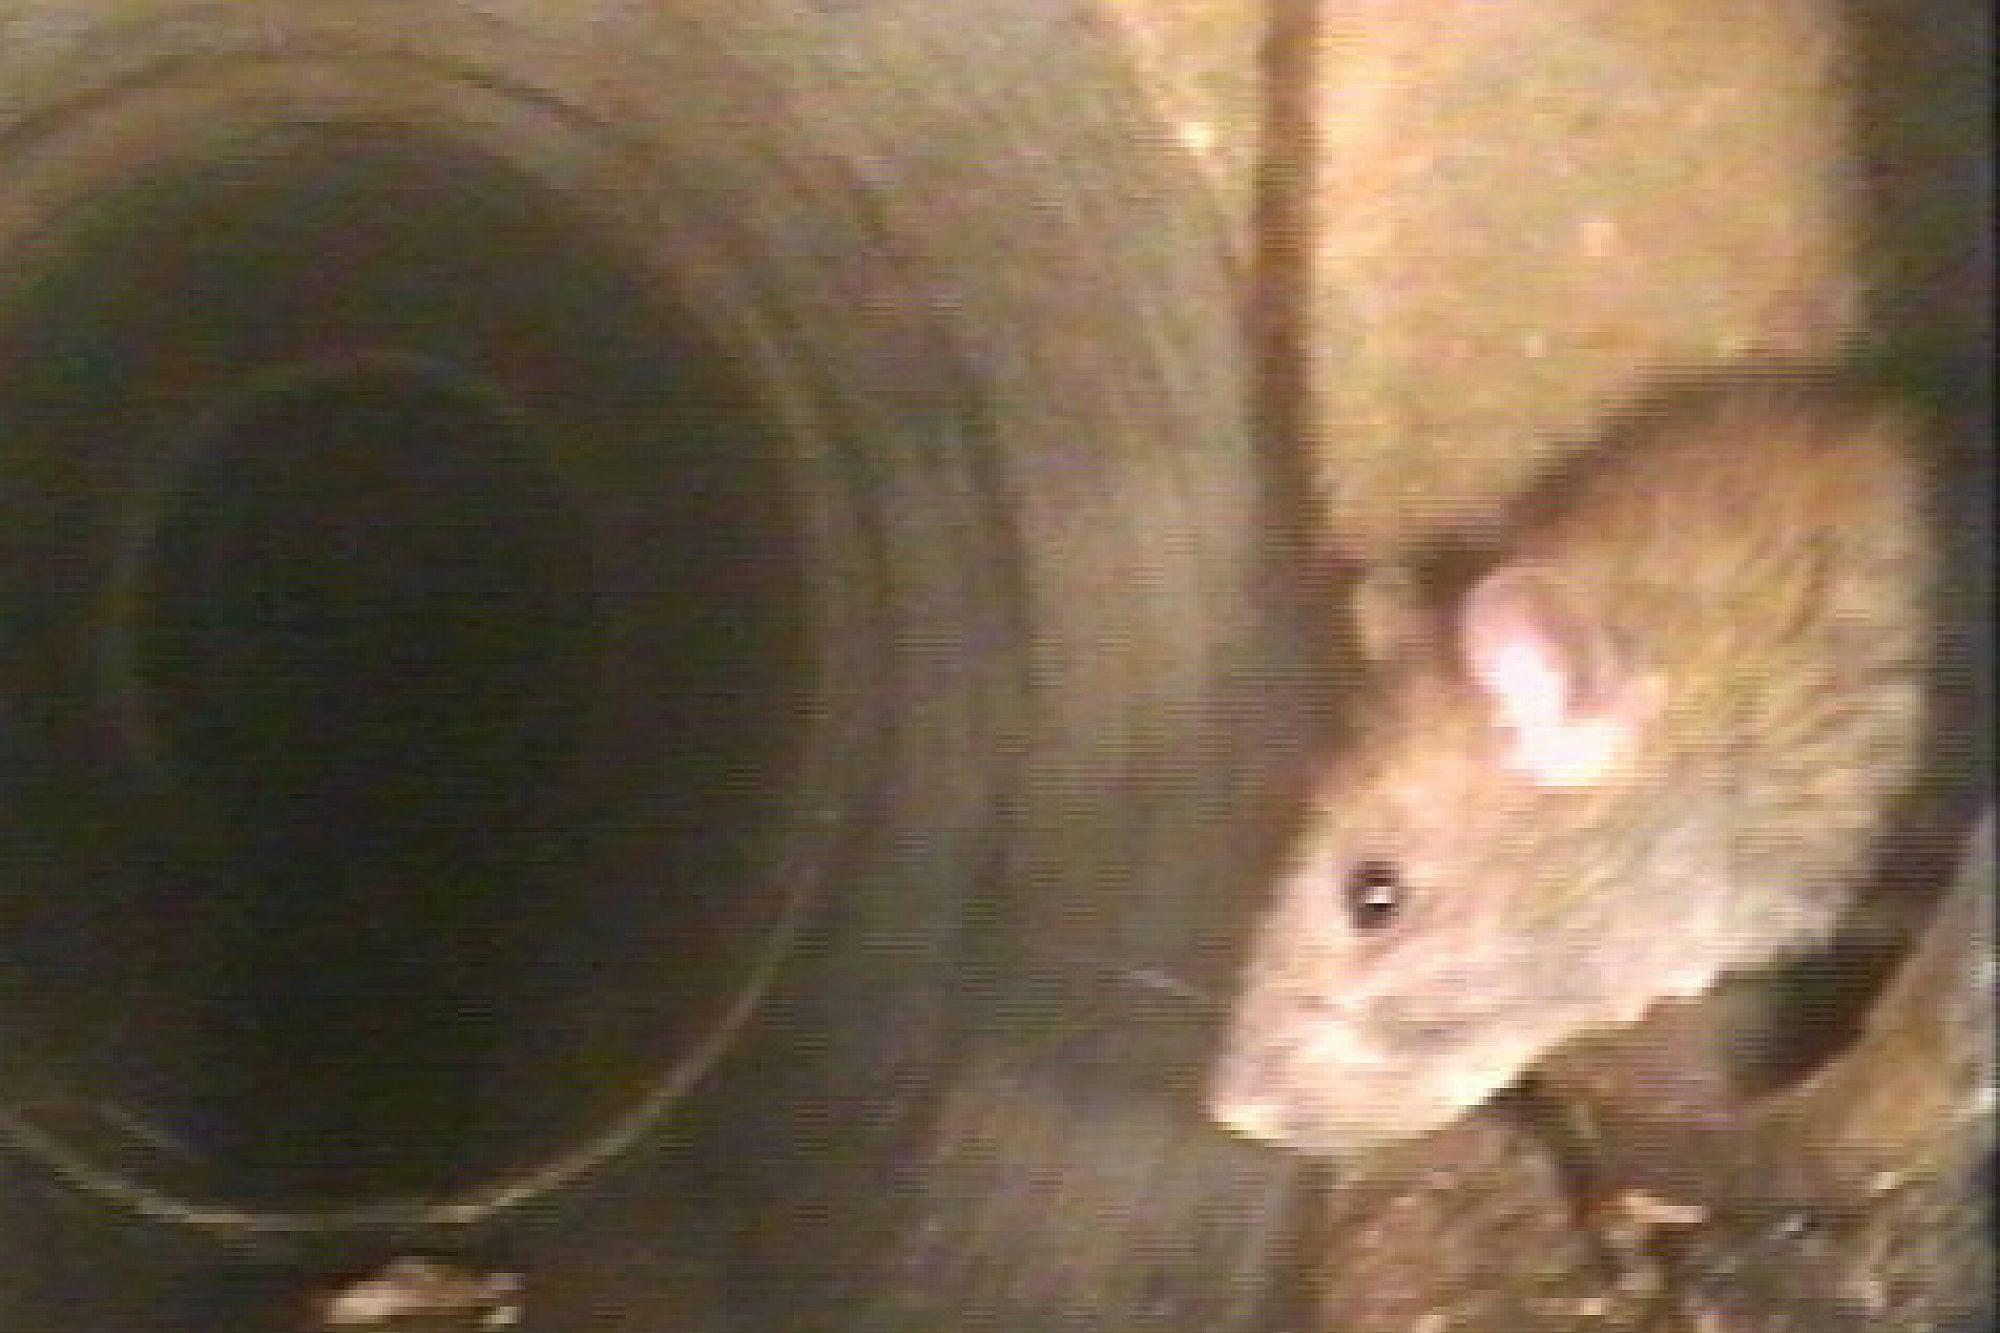 Die Aufnahme zeigt den Blick in ein Kanalrohr, von der rechten Seite ragt am Bildrand aus einem Einlauf der Kopf einer Ratte hervor.